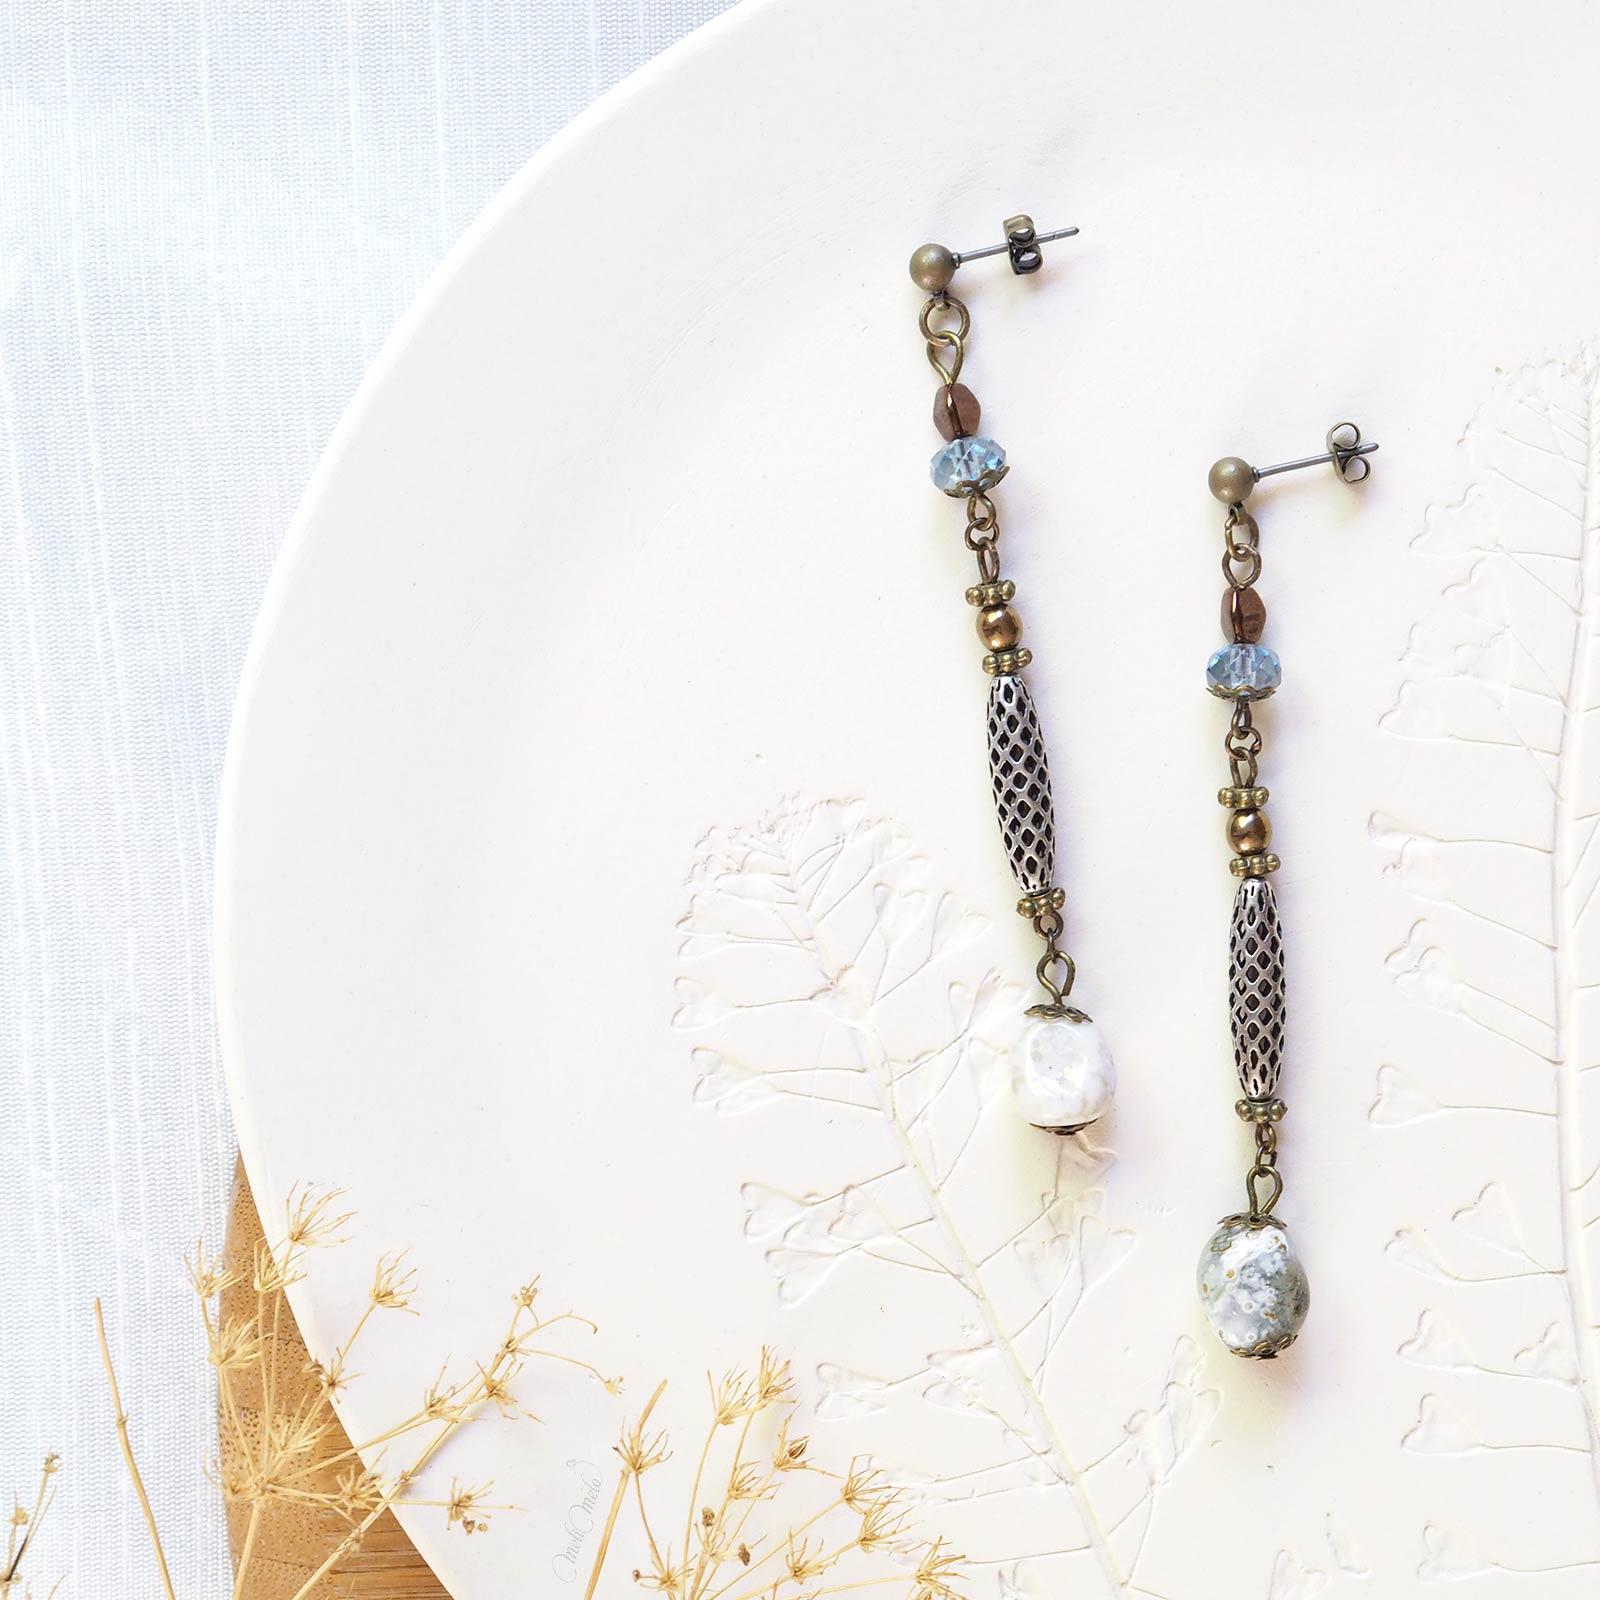 pendants oreilles HO Cristal Swarovski Preciosa gemmes Corail laboutiquedemelimelo